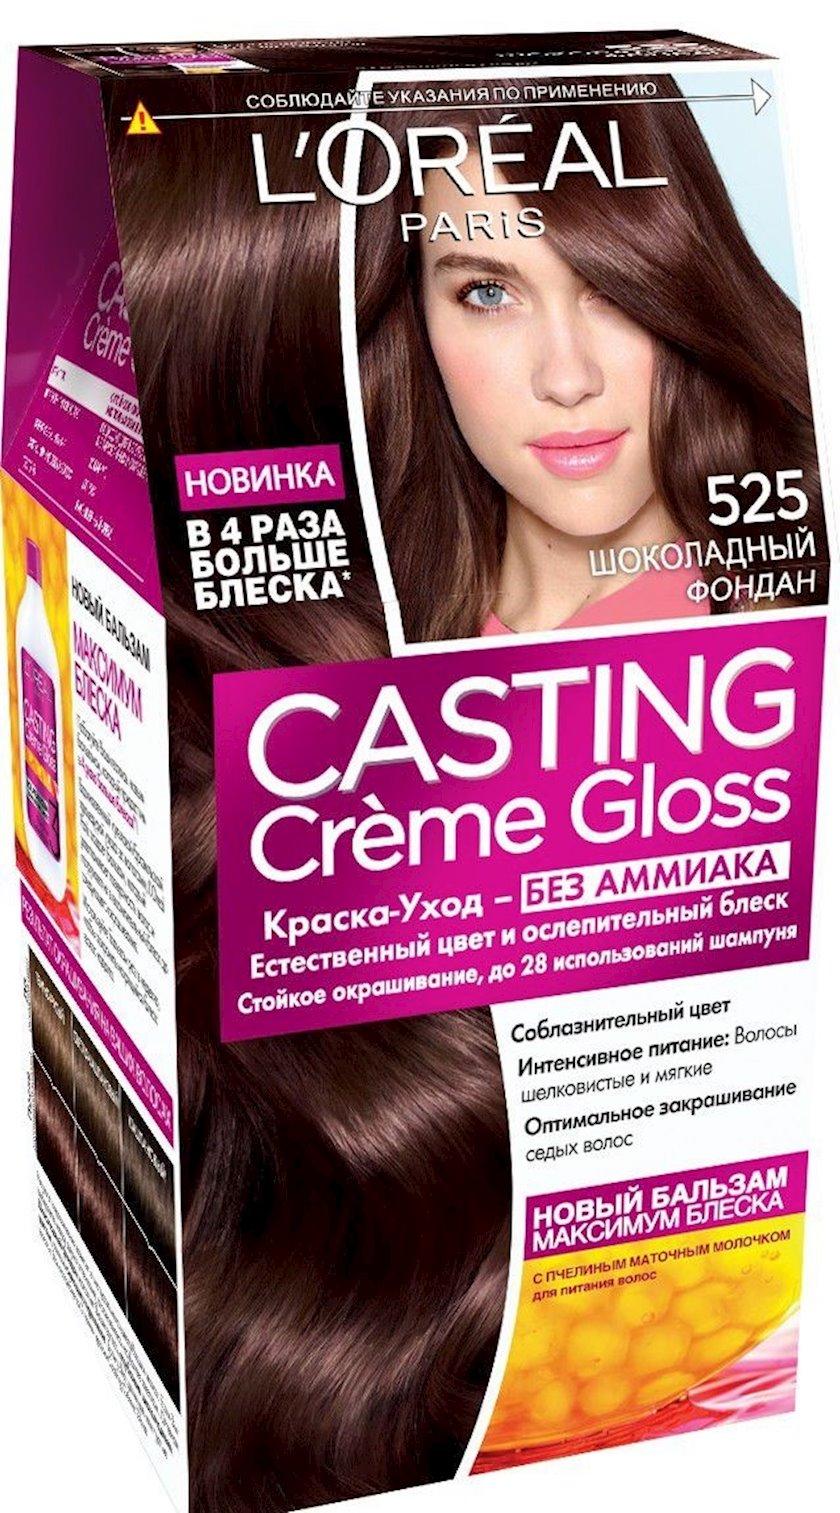 Saçlar üçün boya L'Oréal Paris Casting Creme Gloss ammonyaksız, çalar 525, Şokoladlı fondan, 254 ml